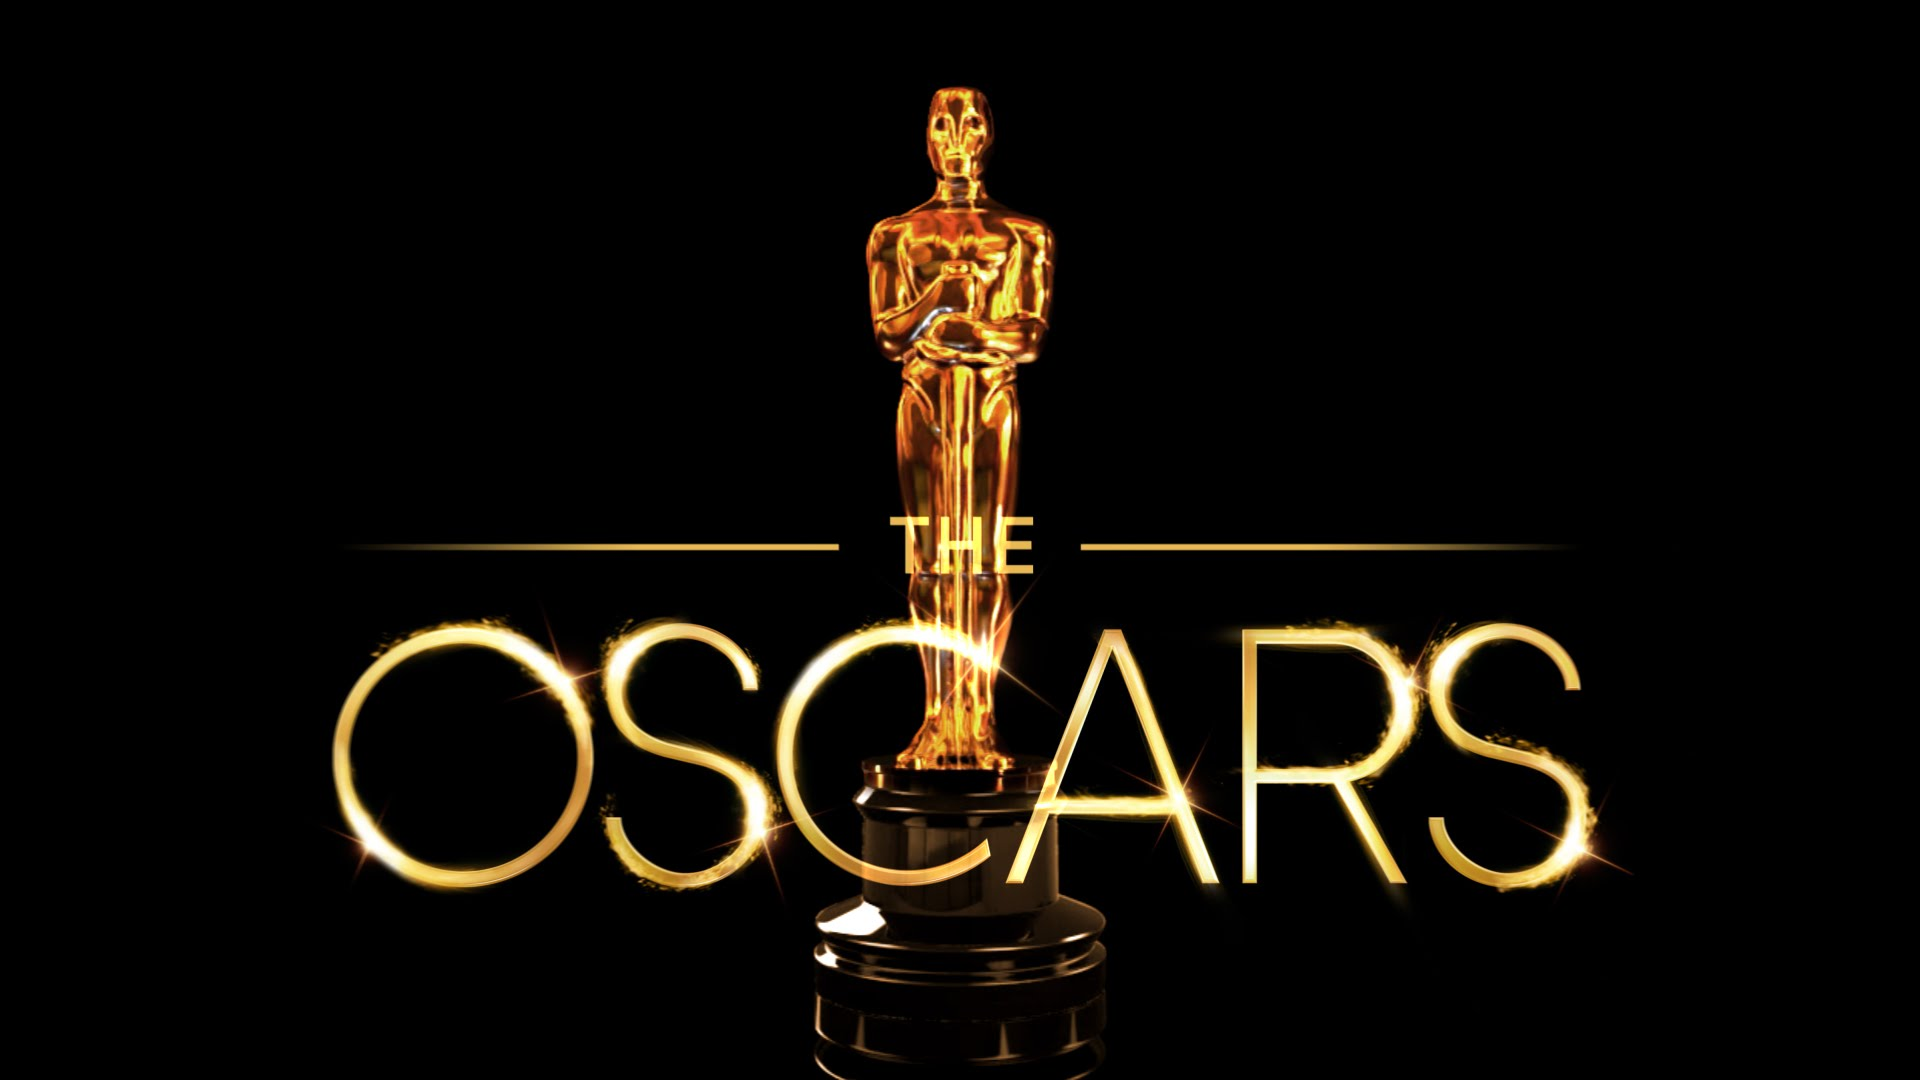 Una cena de cine para una noche de Oscars 1 - Una cena de cine para una noche de Oscars